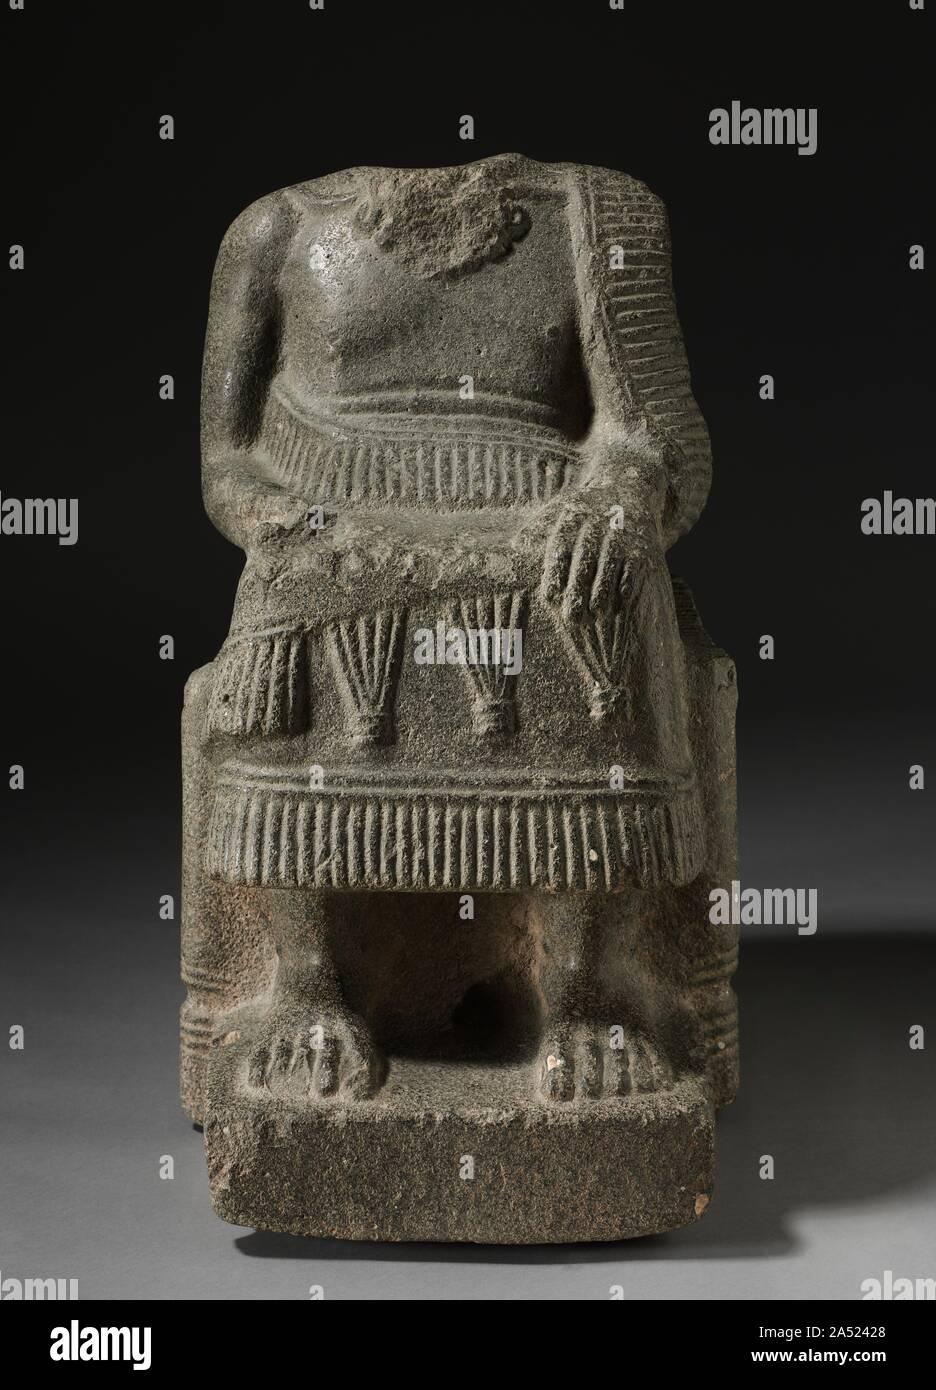 Assyrian Ruler Photos Assyrian Ruler Images Alamy